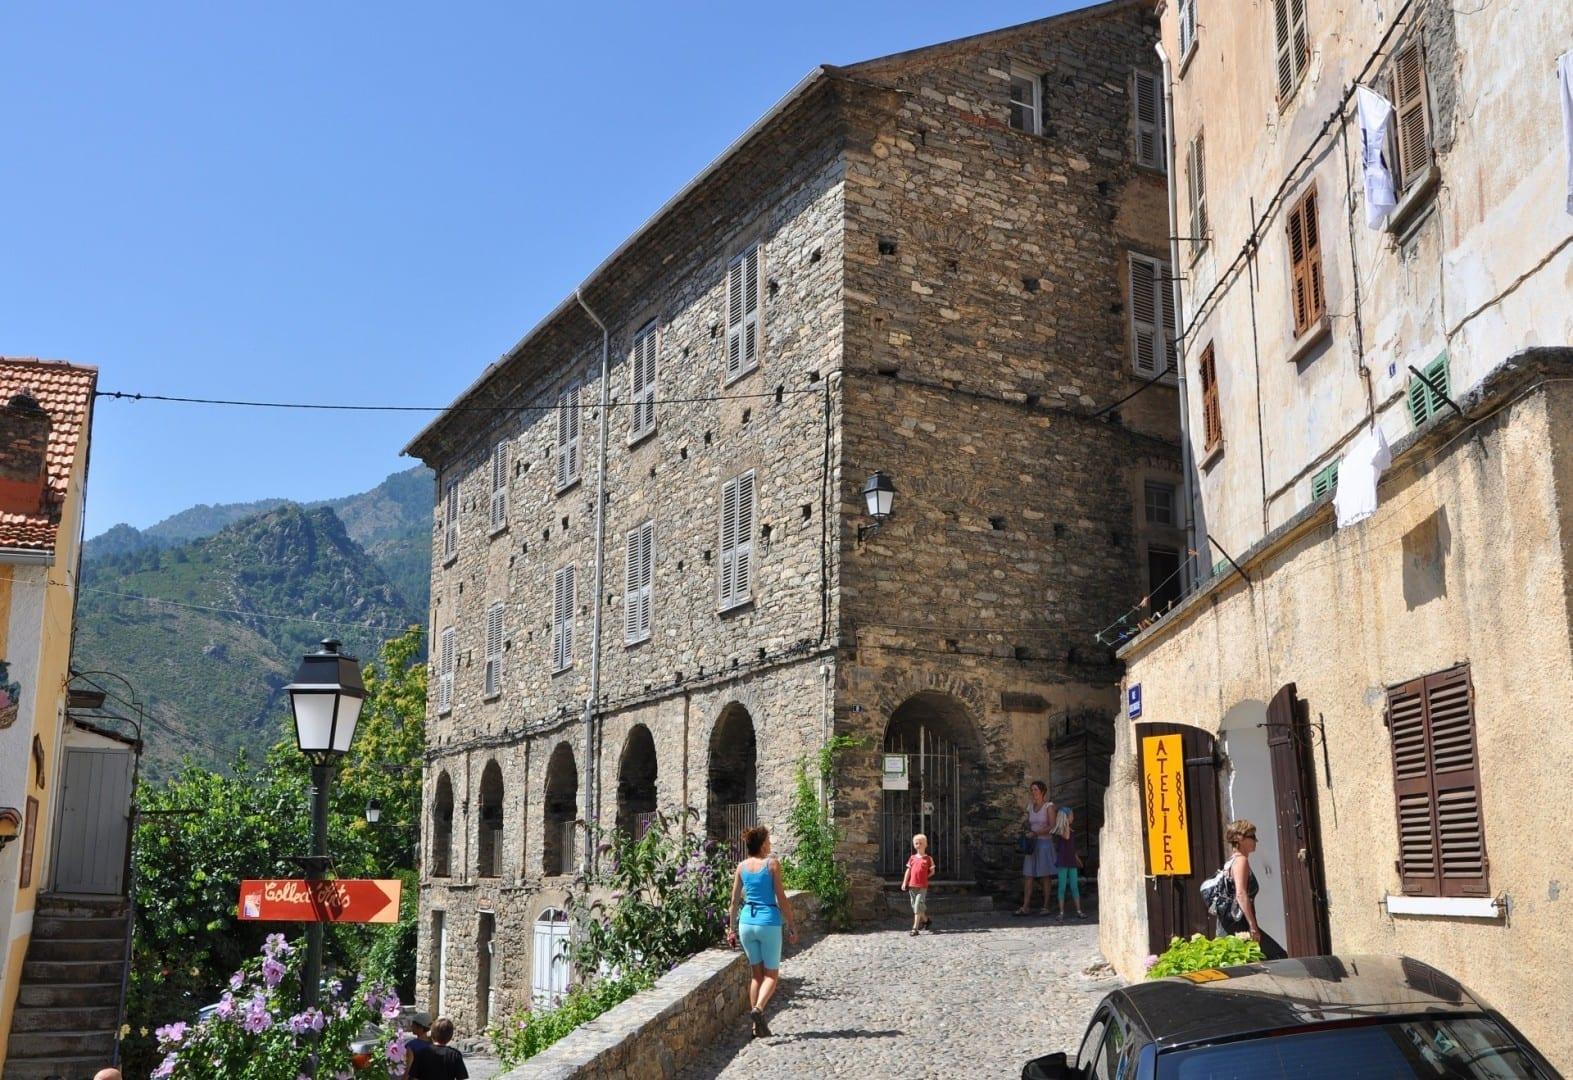 Una casa de piedra en Corte Corte, Corsica Francia